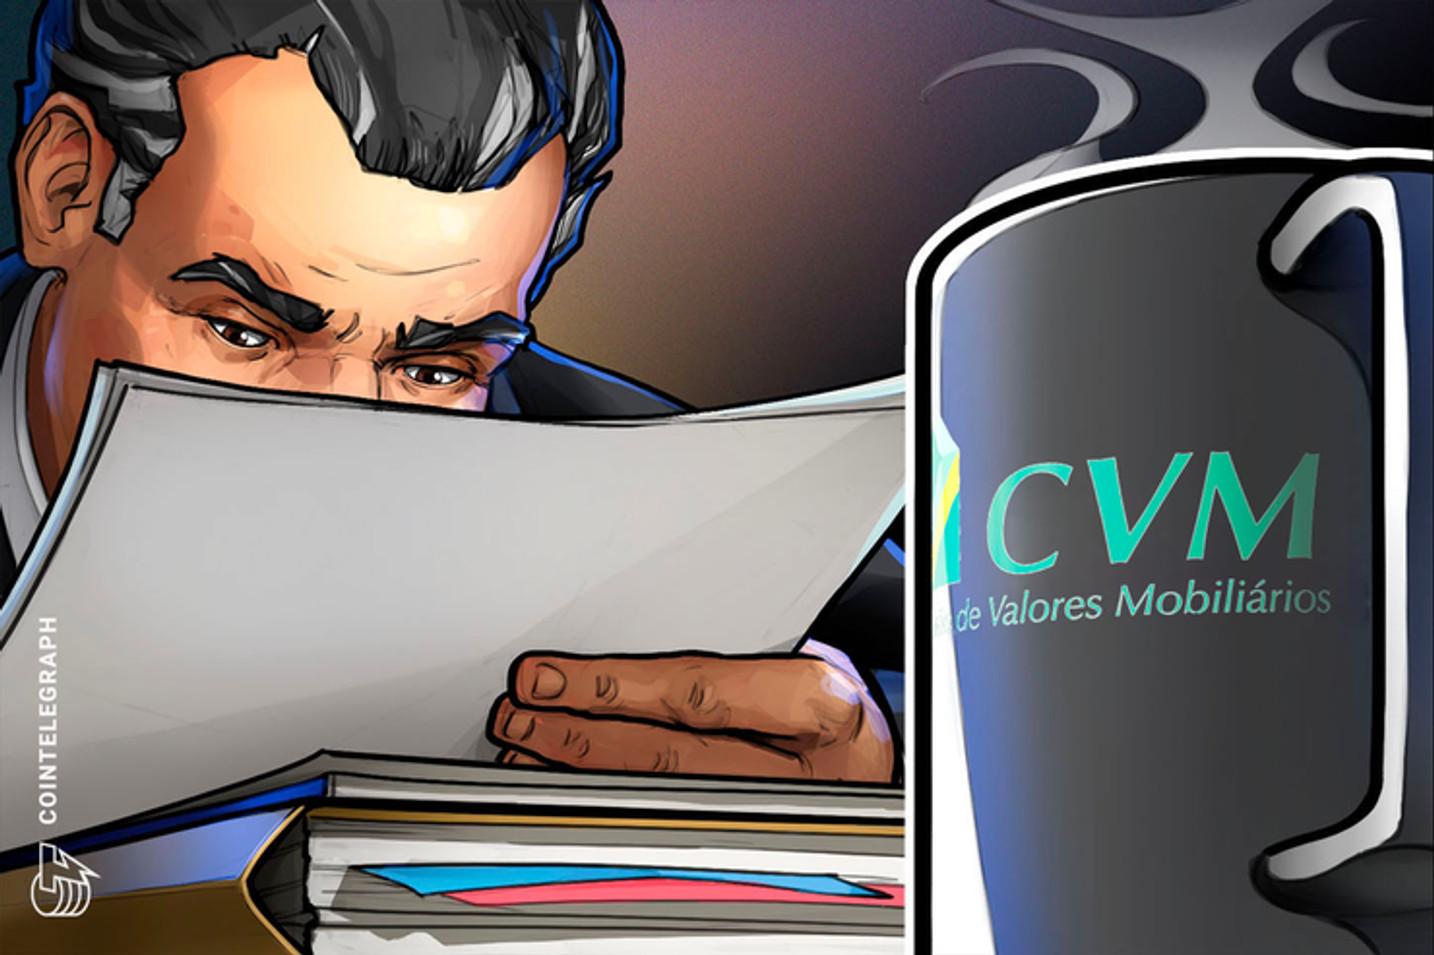 Evento de 43 anos da CVM terá painel de debate sobre blockchain e criptomoedas